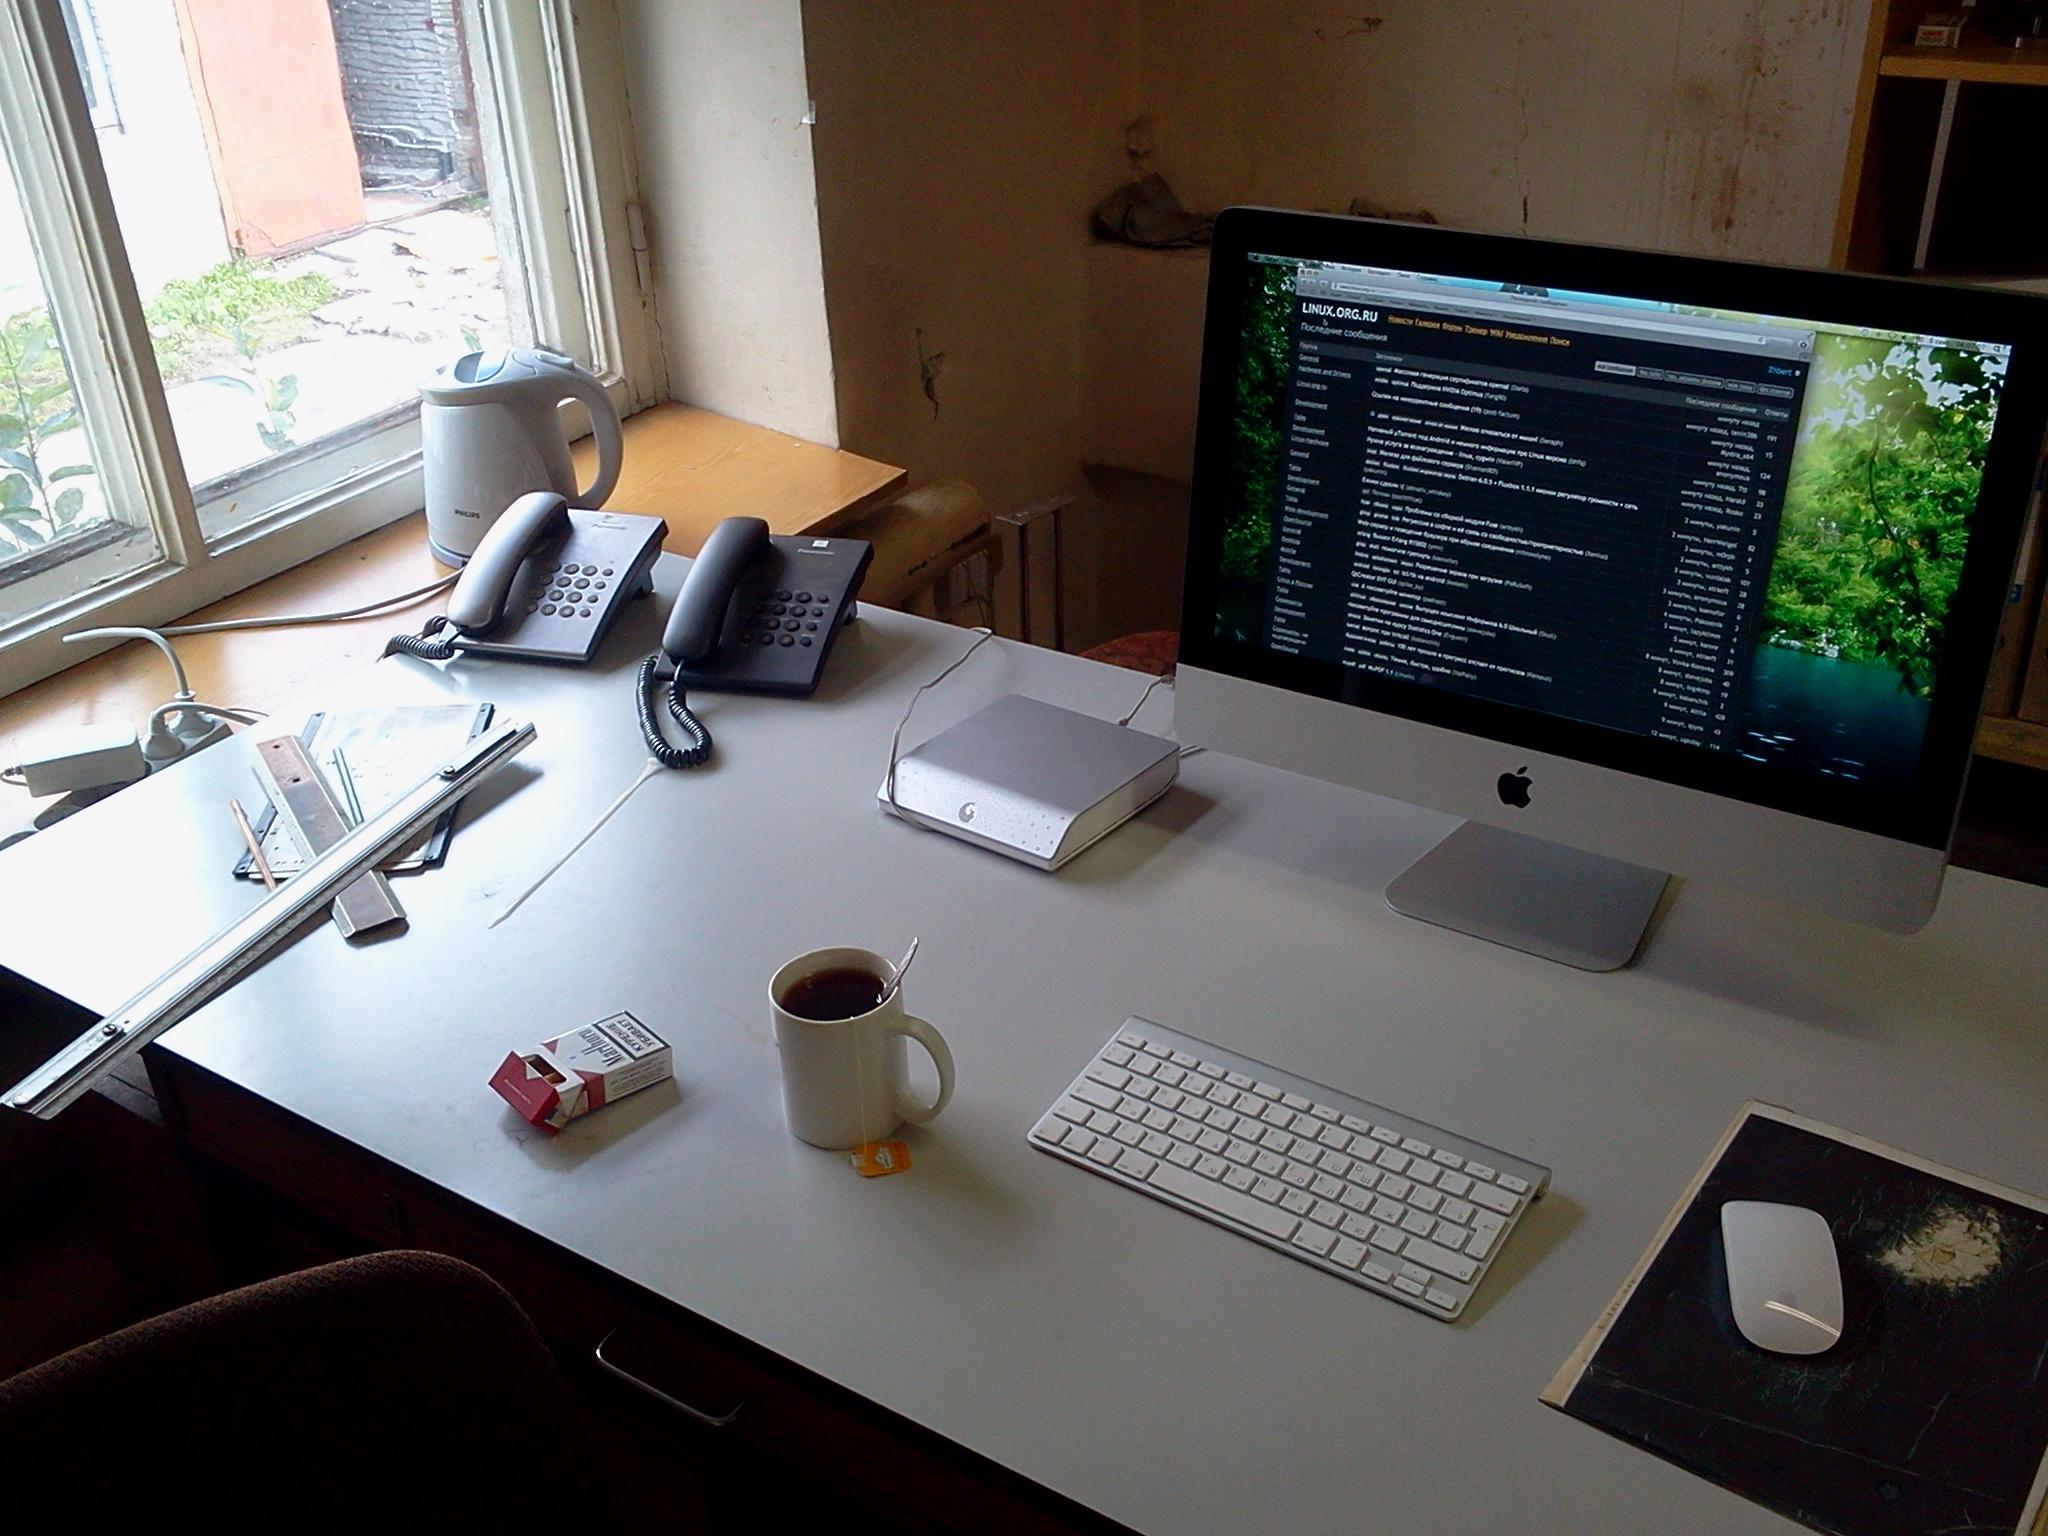 фото рабочего стола на работе размещаются одной творческой